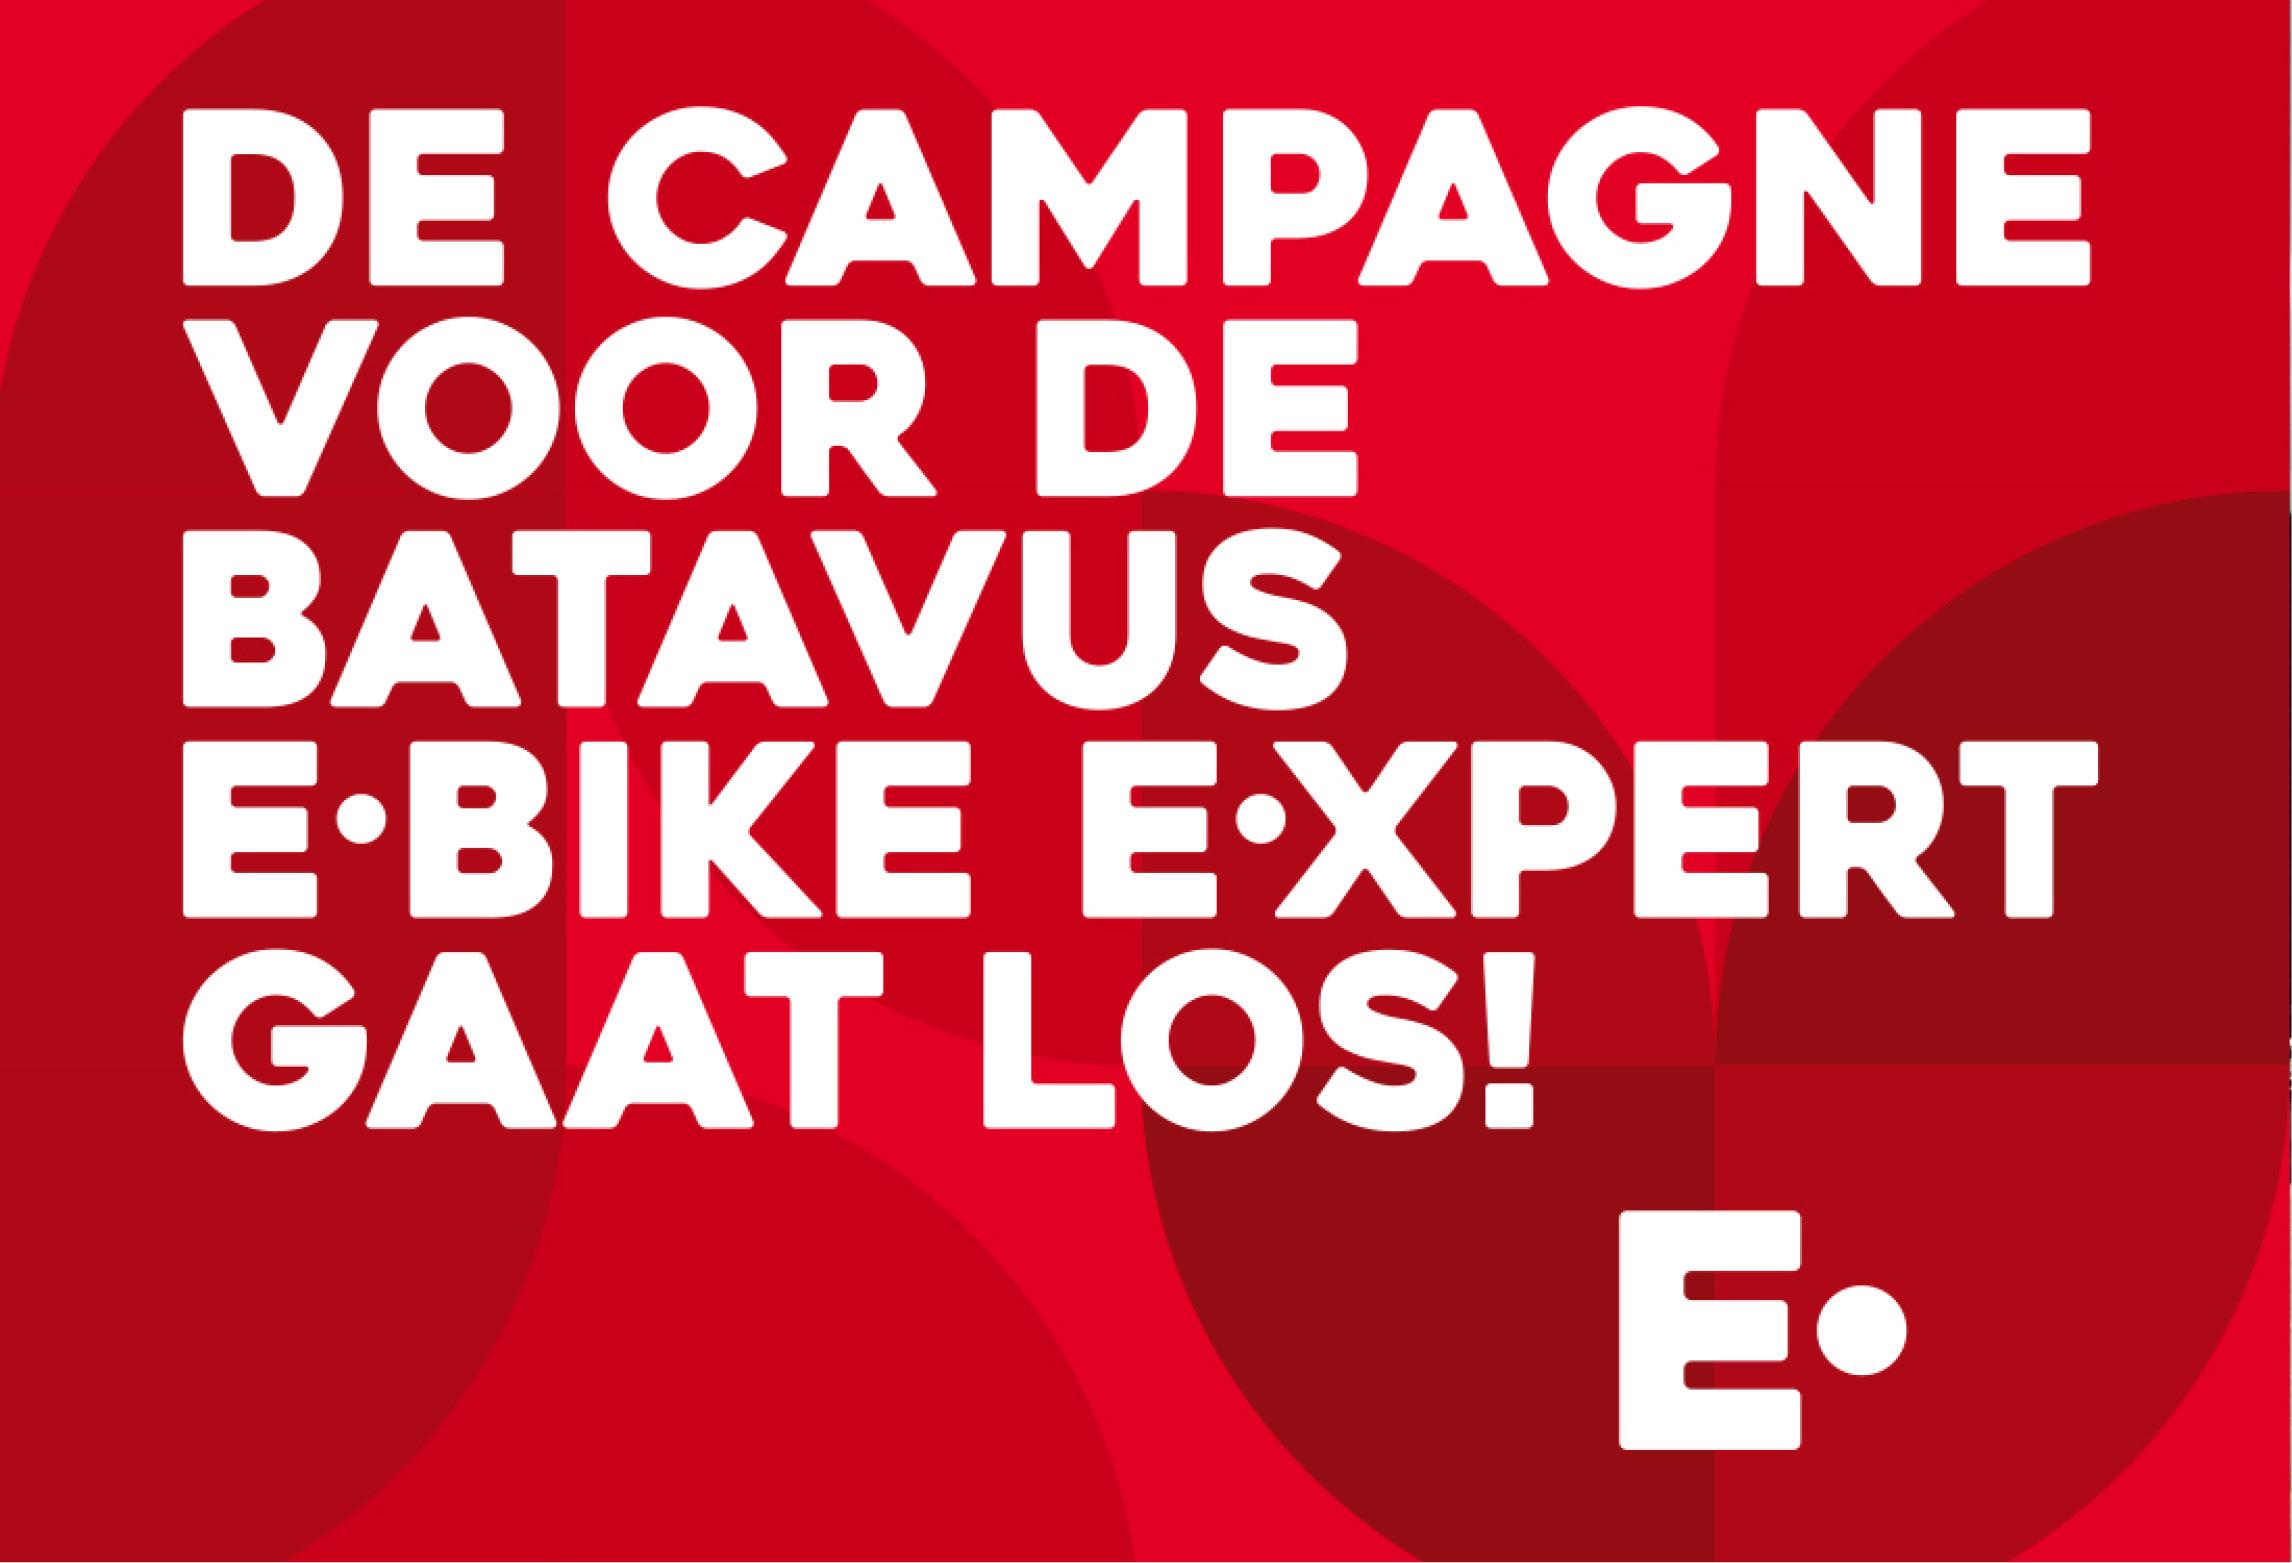 Batavus E-bike E-xpert